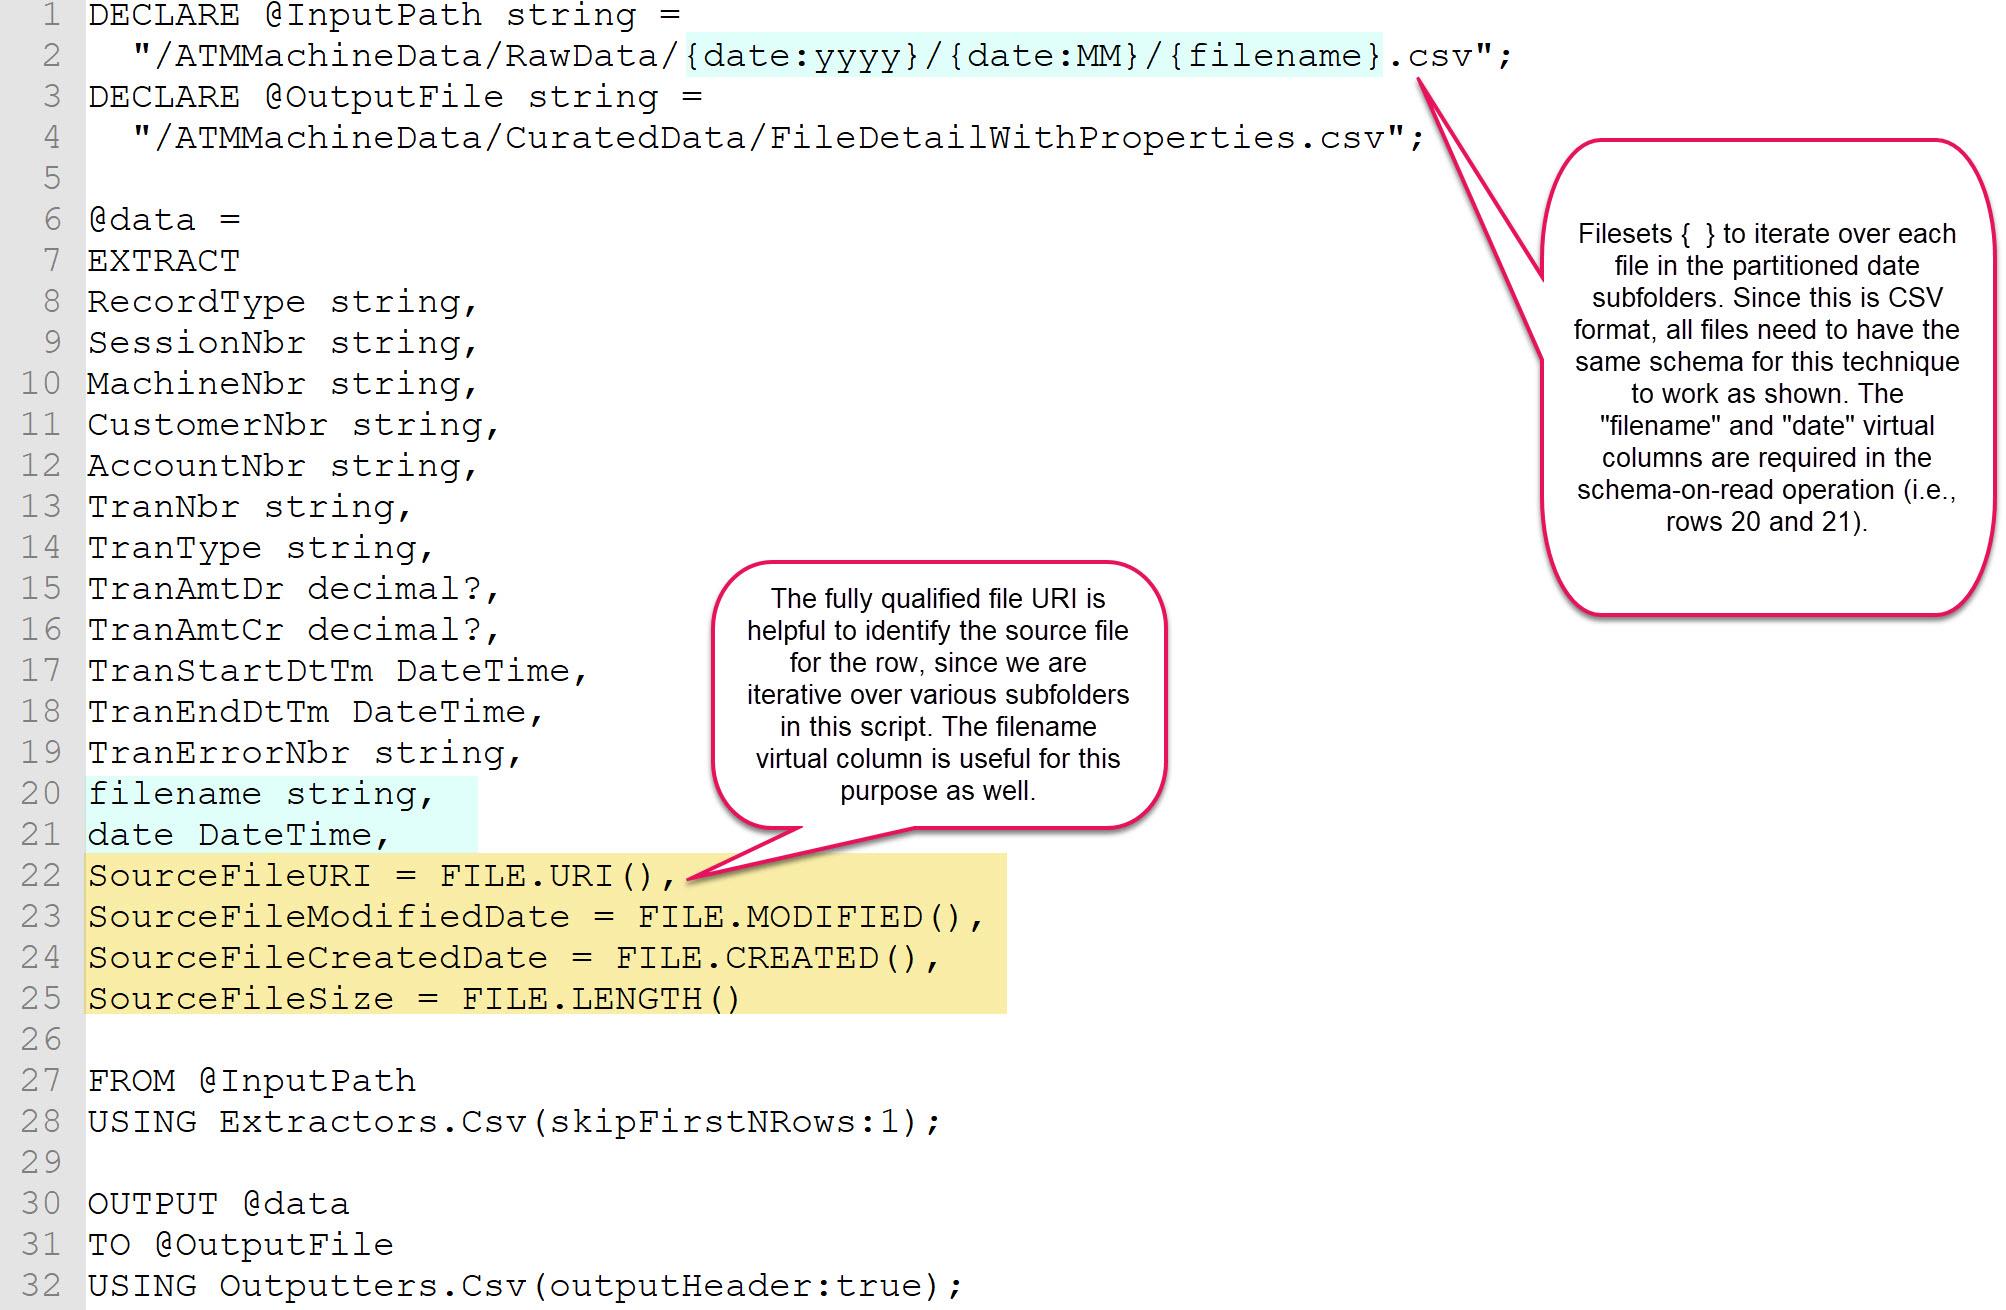 U-SQL_File_Properties.jpg